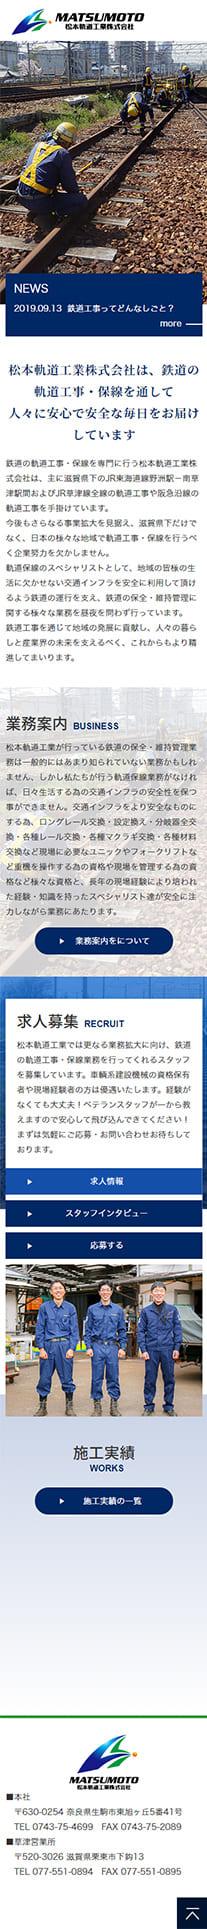 松本軌道工業株式会社スマホTOP画像